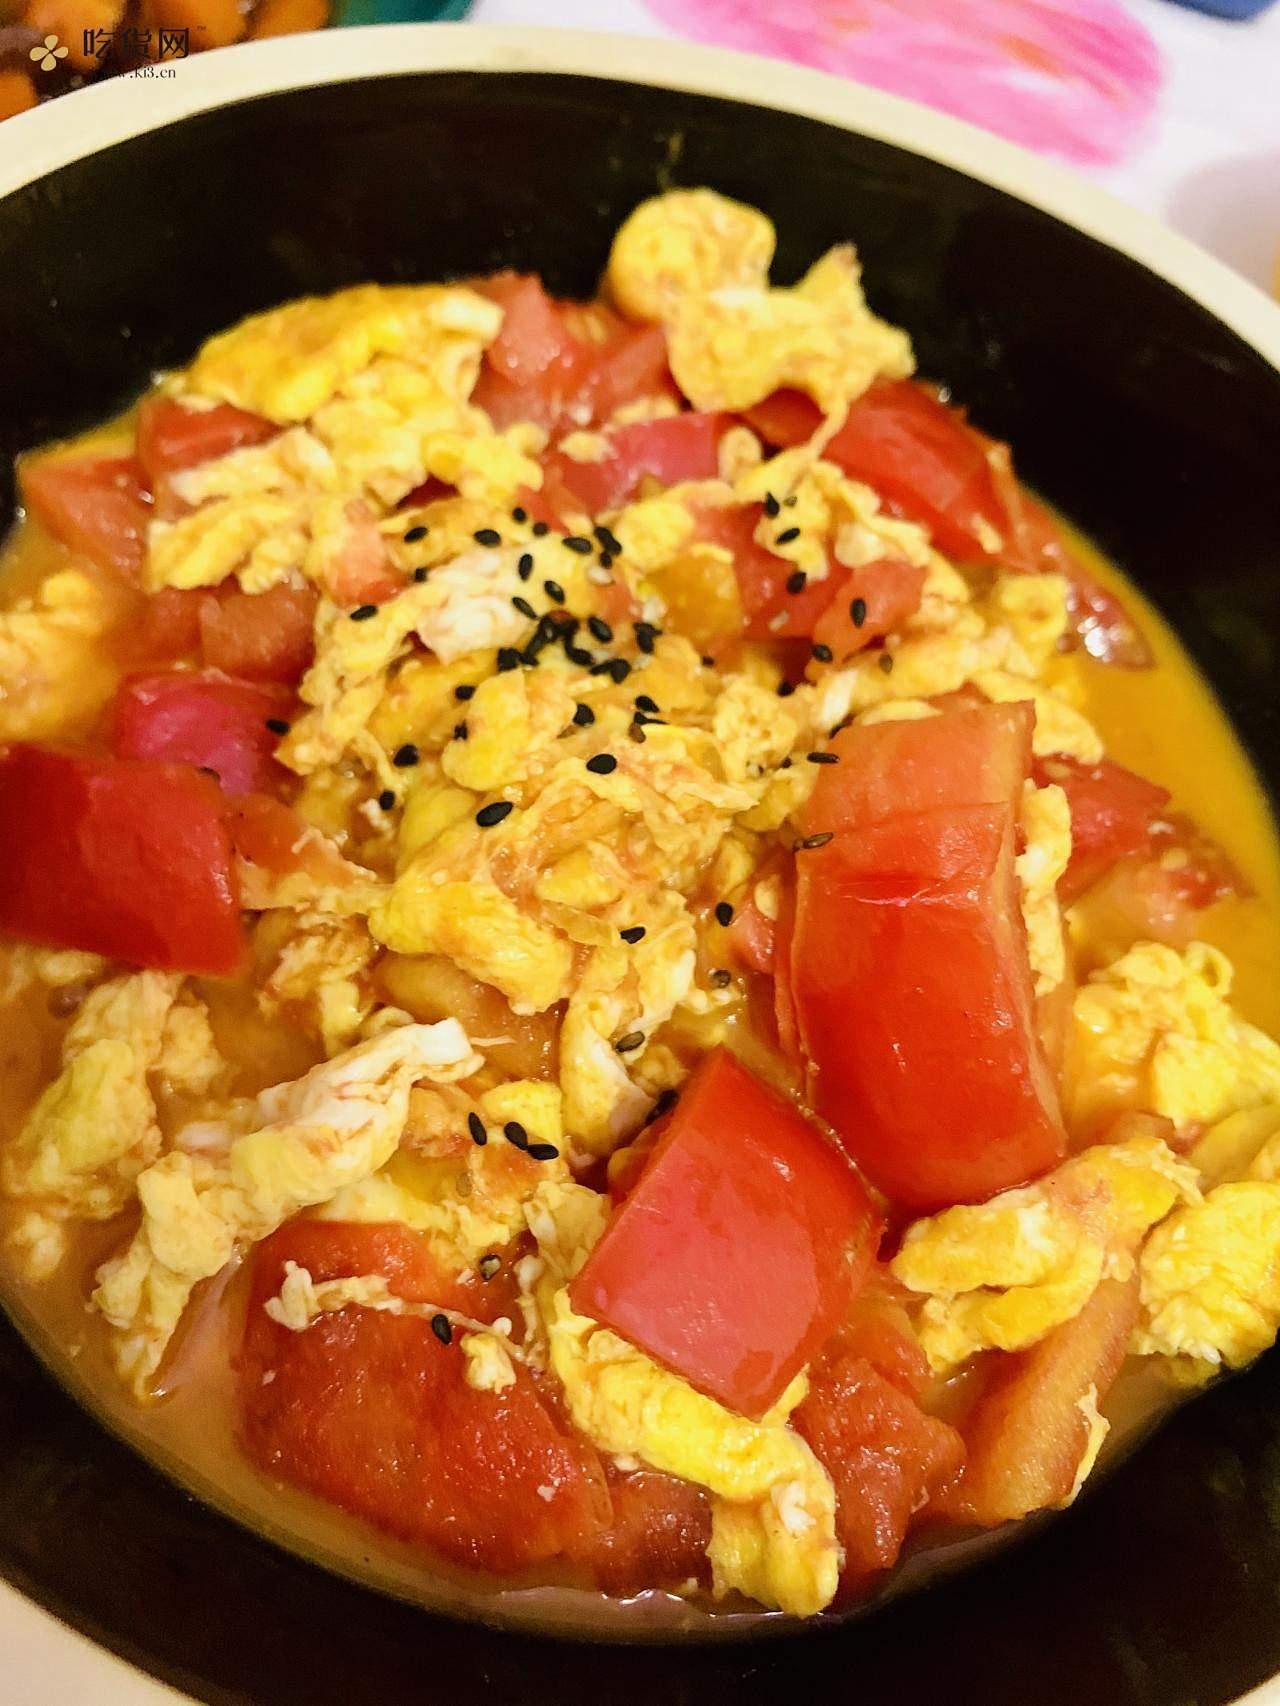 减肥餐美容补维生素西红柿炒鸡蛋的做法 步骤7